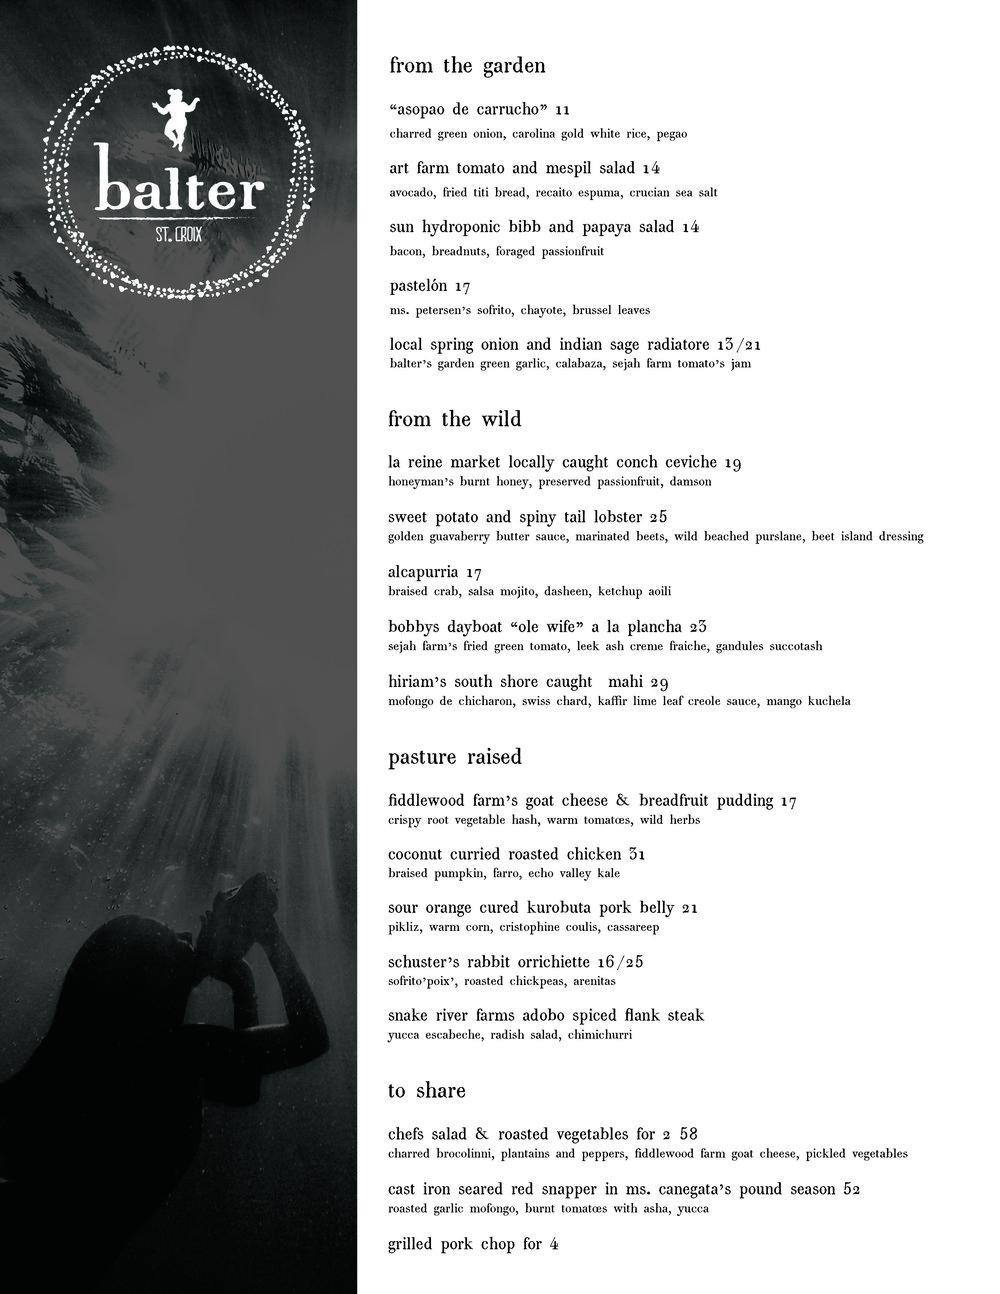 0316-bal-menu.jpg